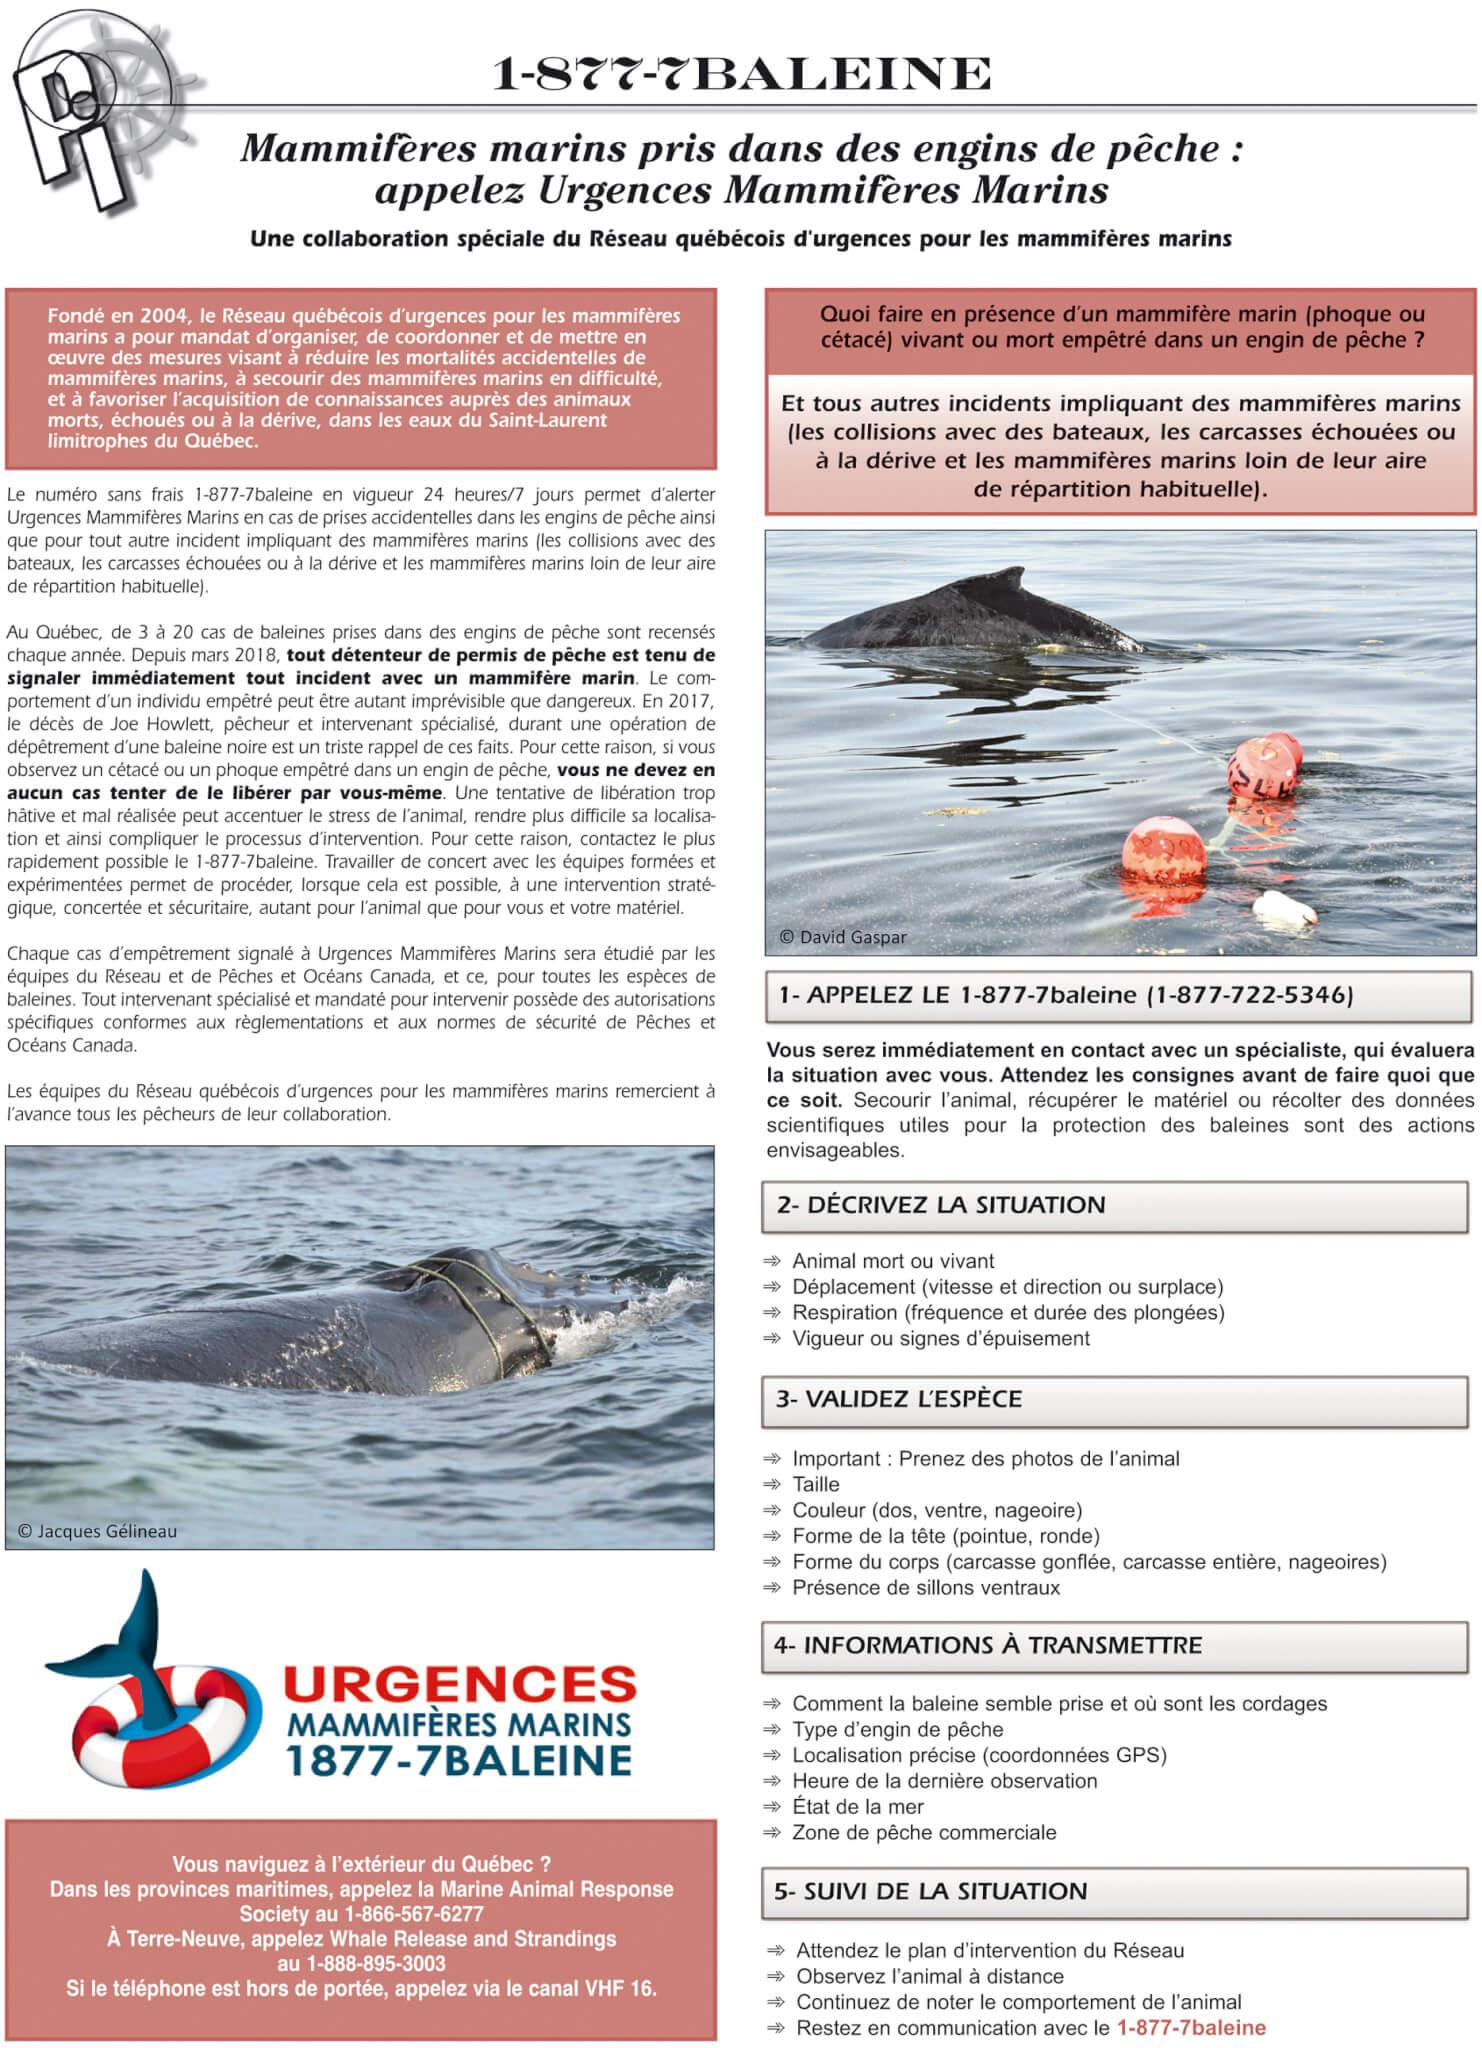 Réseau québécois d'urgences pour les mammifères marins - GREMM